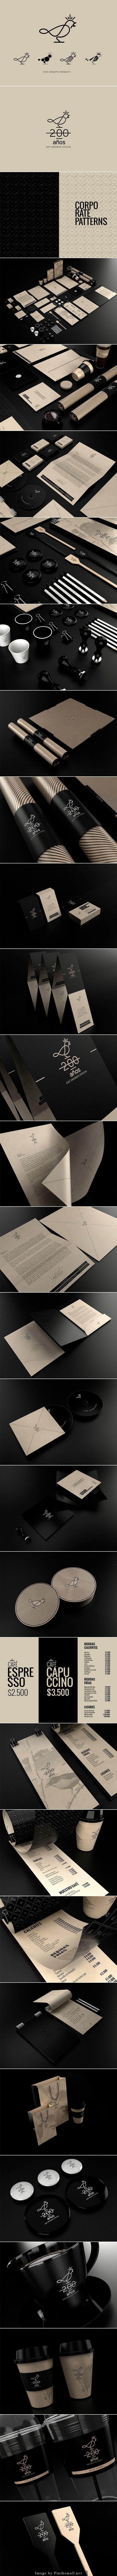 Execelente exemplo de desenvolvimento gráfico e aplicação no produto  200 Years Coffee - Logo and Identity by David Espinosa IDS PD